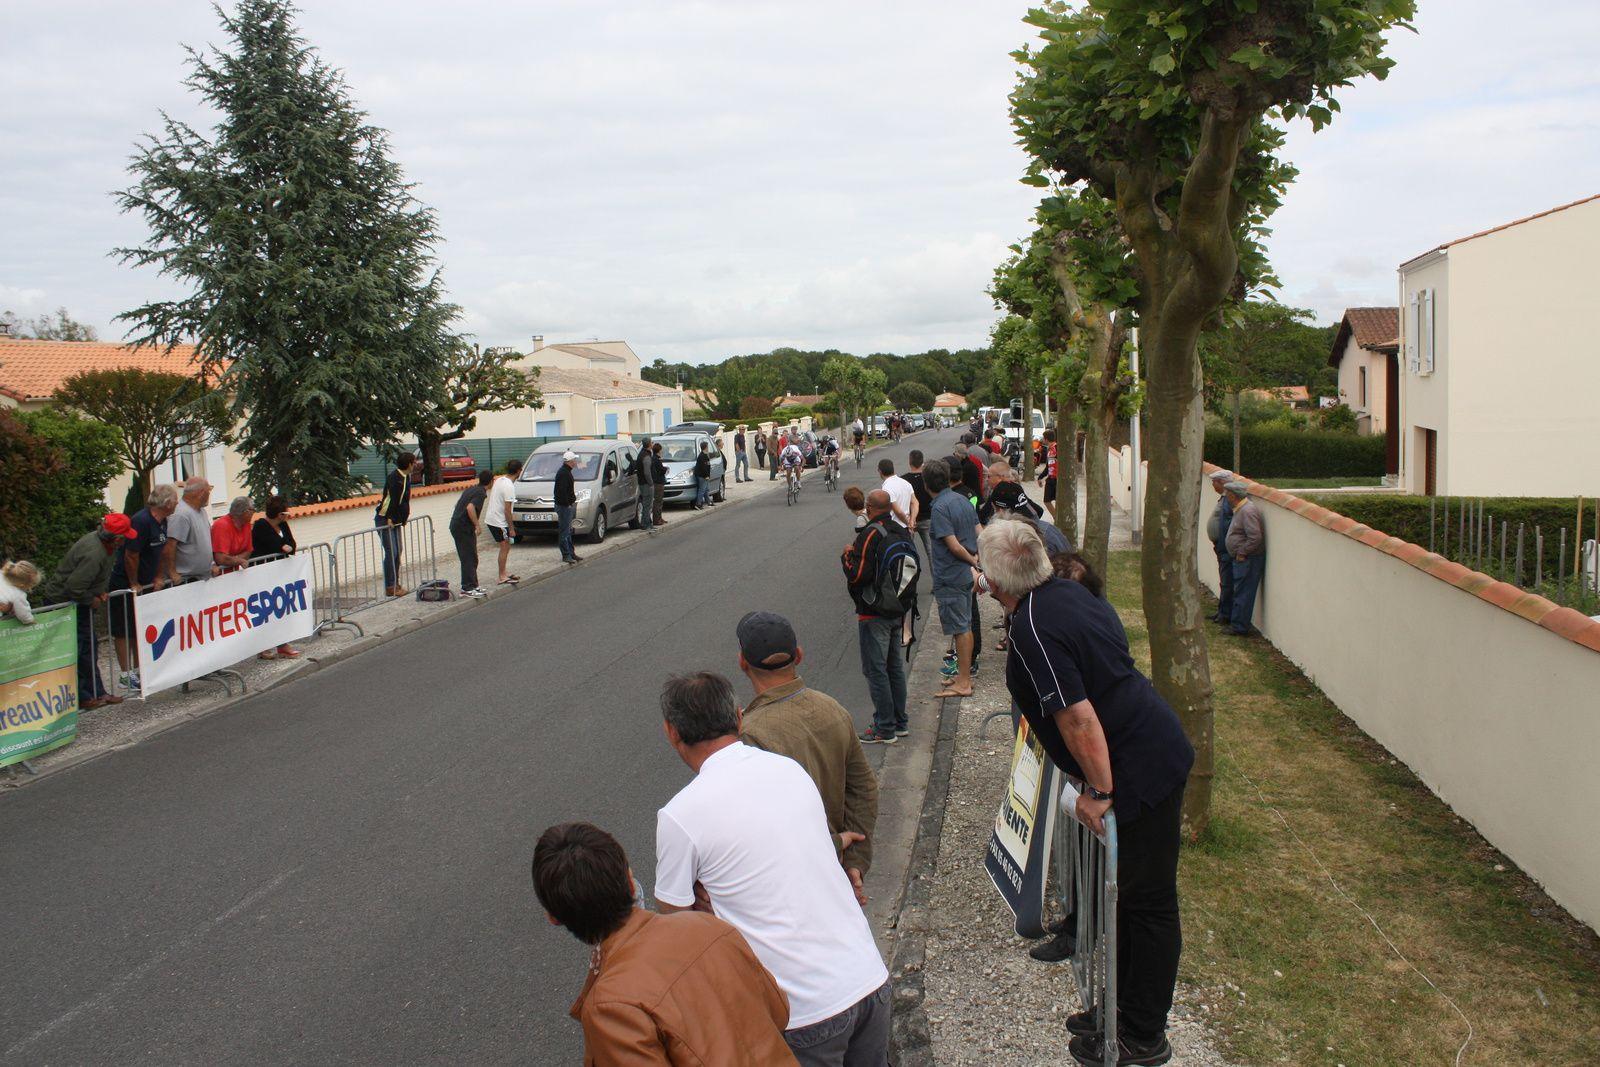 la  victoire  revient  à  l'ancien  coureur  de  l'APOG  Emilien  GRANDILLON (VC  Chantonnay), 2e  Clément  NOEL(Mérignac  VC), 3e  Jérémy  BELLICAUD(EC 3M), 4e  Nicolas  LECLERC(Angouléme  VC), 5e  Stéphane  BELLICAUD(EC 3M), 6e  Simon  CROIZARD(Angouléme  VC), 7e  Théo  GRIFFOUL(Creuse  O), 8e  Clément  LIVERTOUT(Angouléme  VC), 9e  Jérome  QUICHAUD(UC  Confolens), 10e  Cameron  AIRAUD(VC  Thouars), 11e  Guillaume  BOSSEAU(T St Sauveur), 12e  Florian  LATOUR(US Le Bouscat), 13e  Sébastien  GALLAIS(P  St  Florent), 14e  Patrick  BALLANGER(AC Jarnac-Aigre-Rouillac), 15e  Clément  BAZIN (AS  Tourlaville), 16e  Christophe  VEILLON(VC  Saintes), 17e  Florian  LOIZILLON(AC 4B), 18e  Gaétan  GRACIANNETTE (CAM  Bordeaux), 19e  Benjamin  GOUSSEAU(VC  Rochefort), 20e  Thierry  BILLOT (G  Bordeaux).